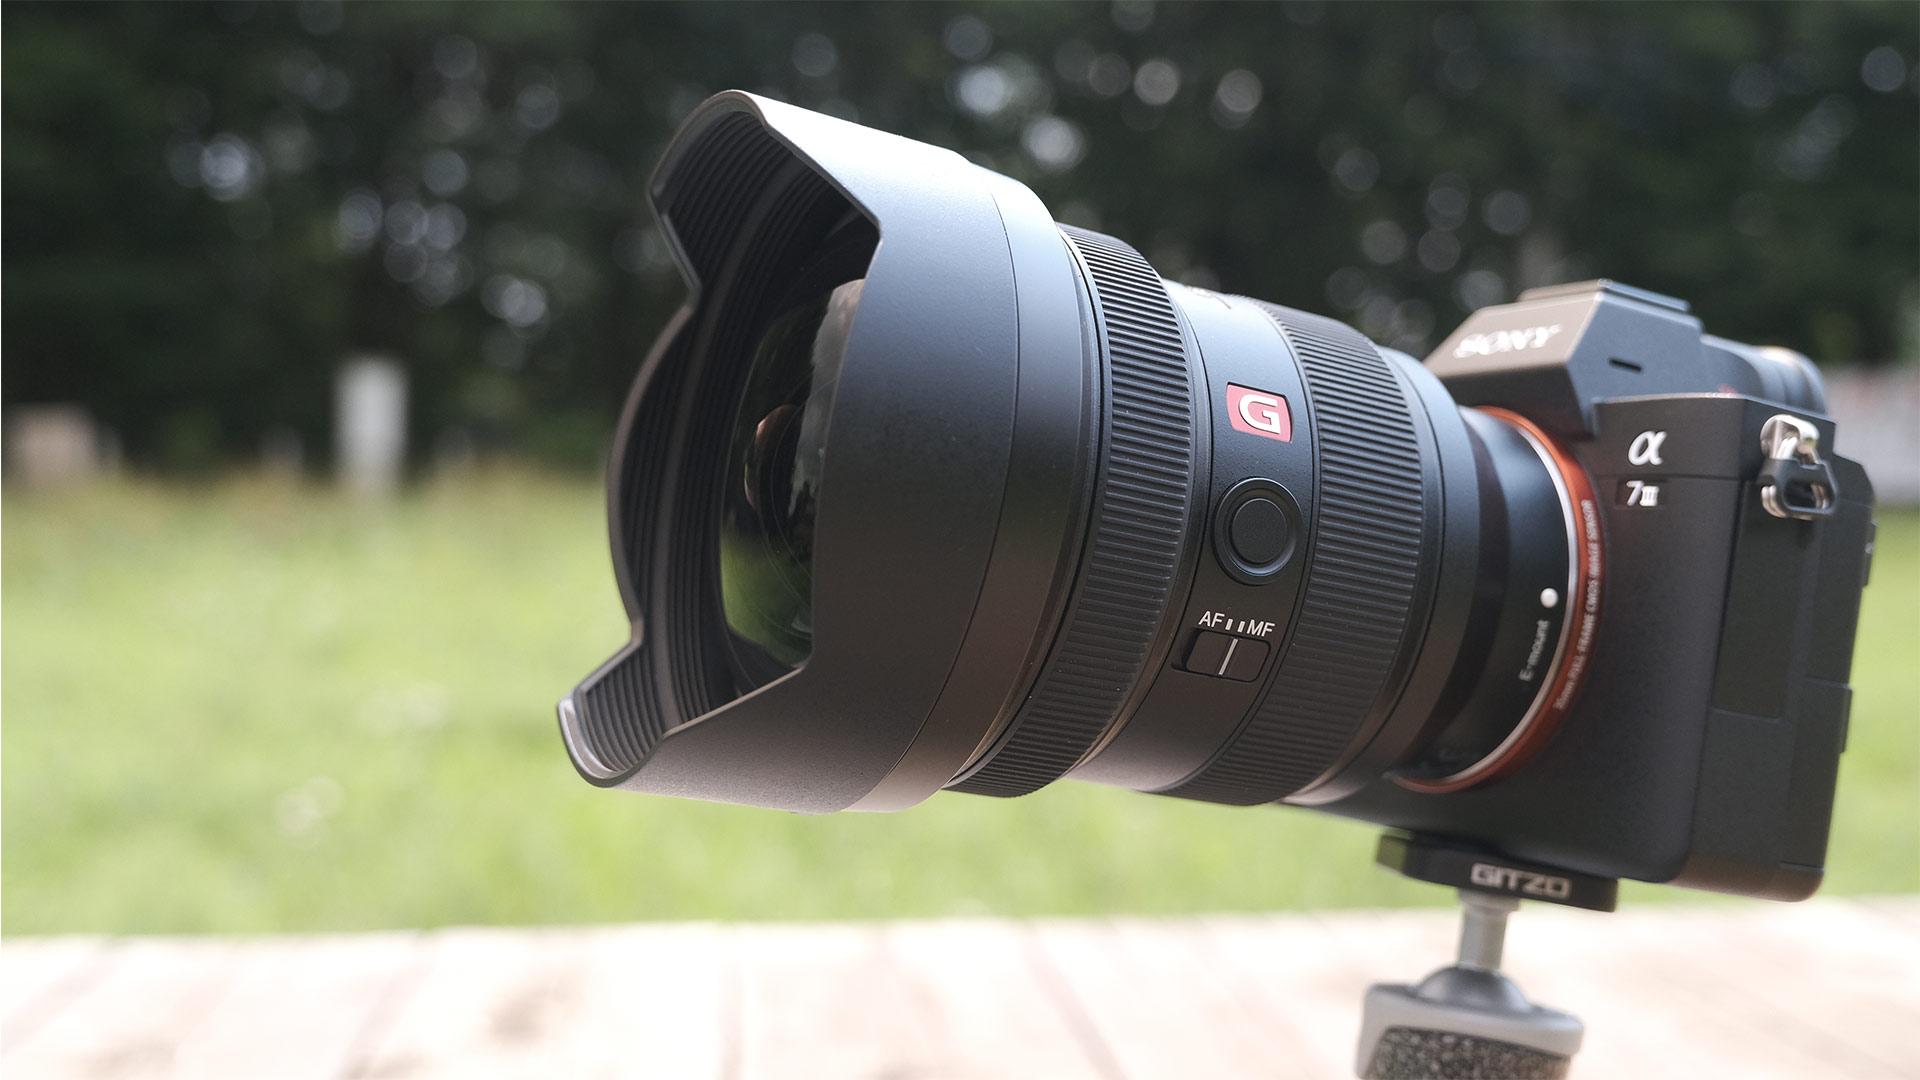 ソニーがFE 12-24mm f/2.8 G Masterレンズを発表 - ファーストインプレッション